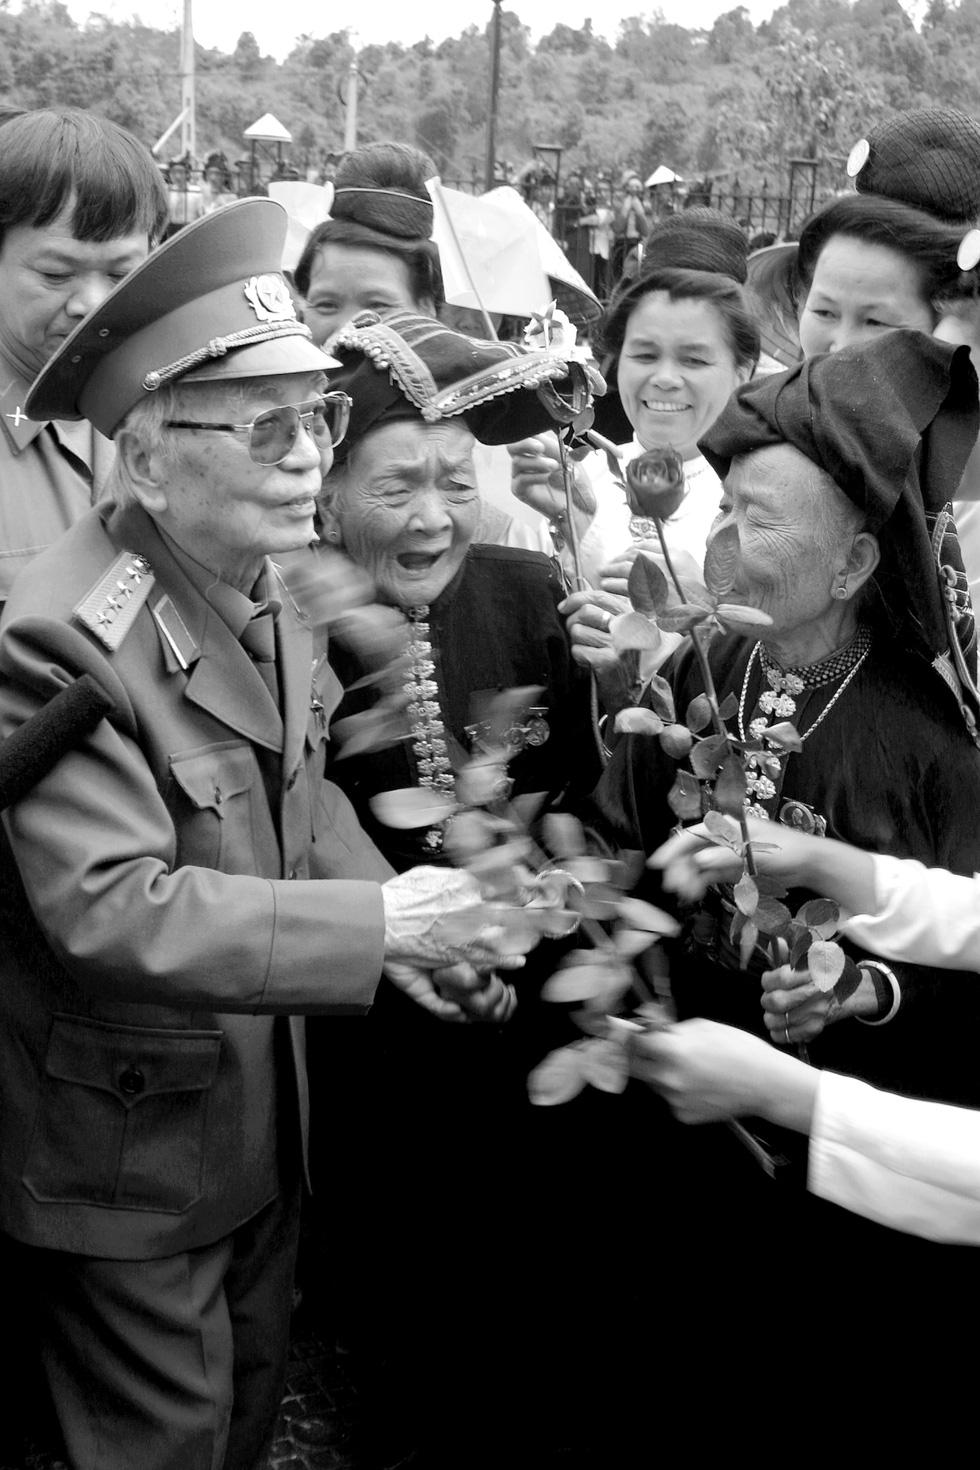 Xem những bức ảnh quý hiếm về Đại tướng Võ Nguyên Giáp - Ảnh 20.